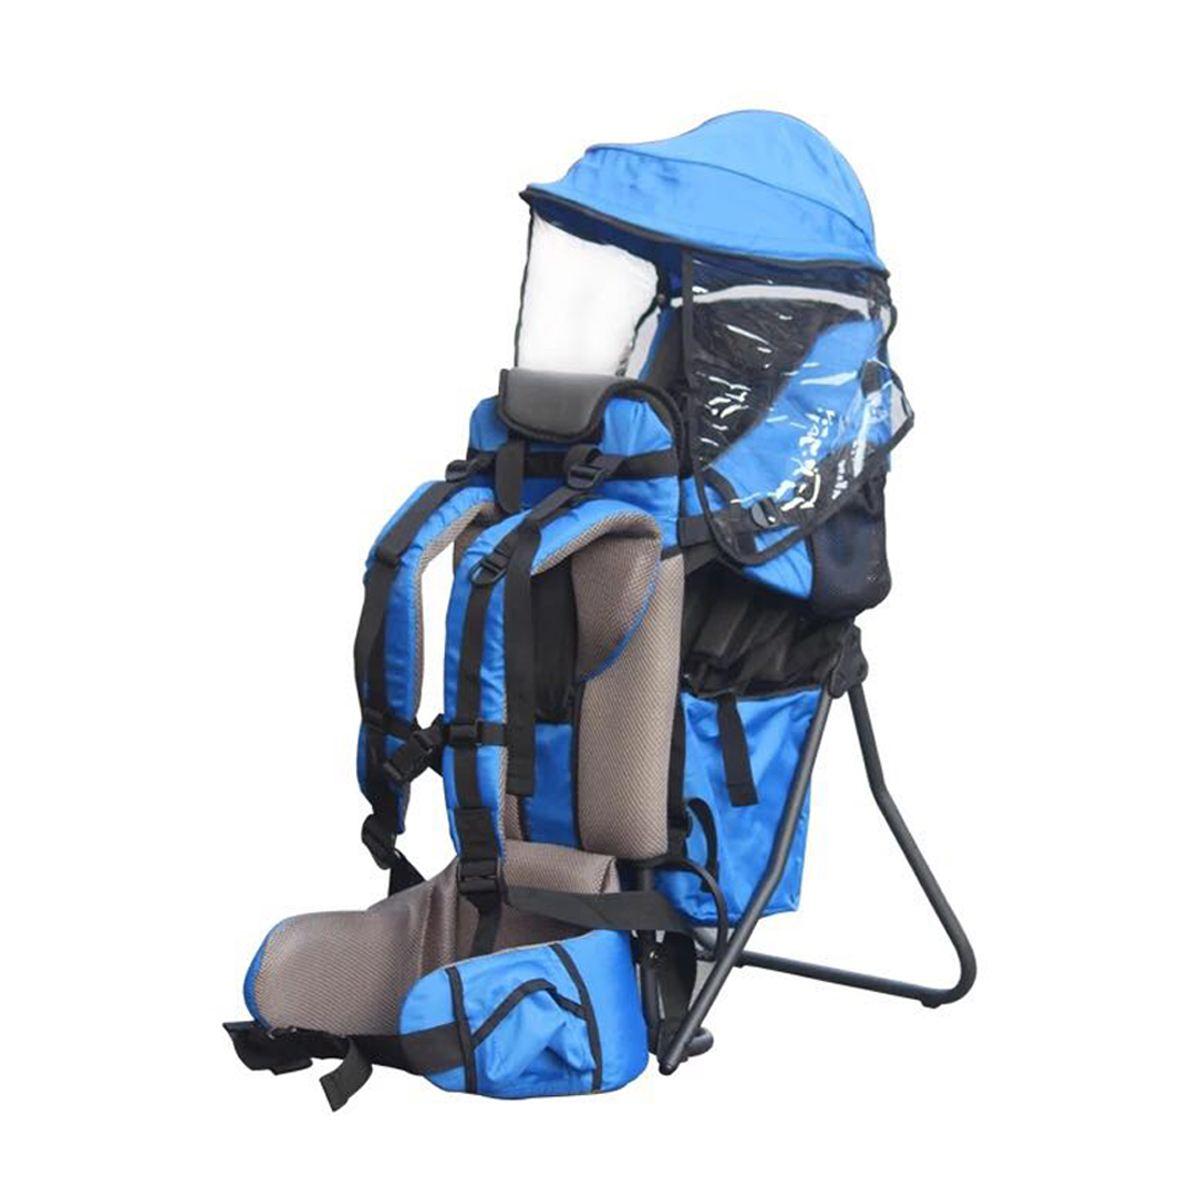 Charge 30kg réglable en plein air bébé enfant en bas âge sac à dos Camping escalade sac étanche alpinisme randonnée enfant enfant porteur - 2